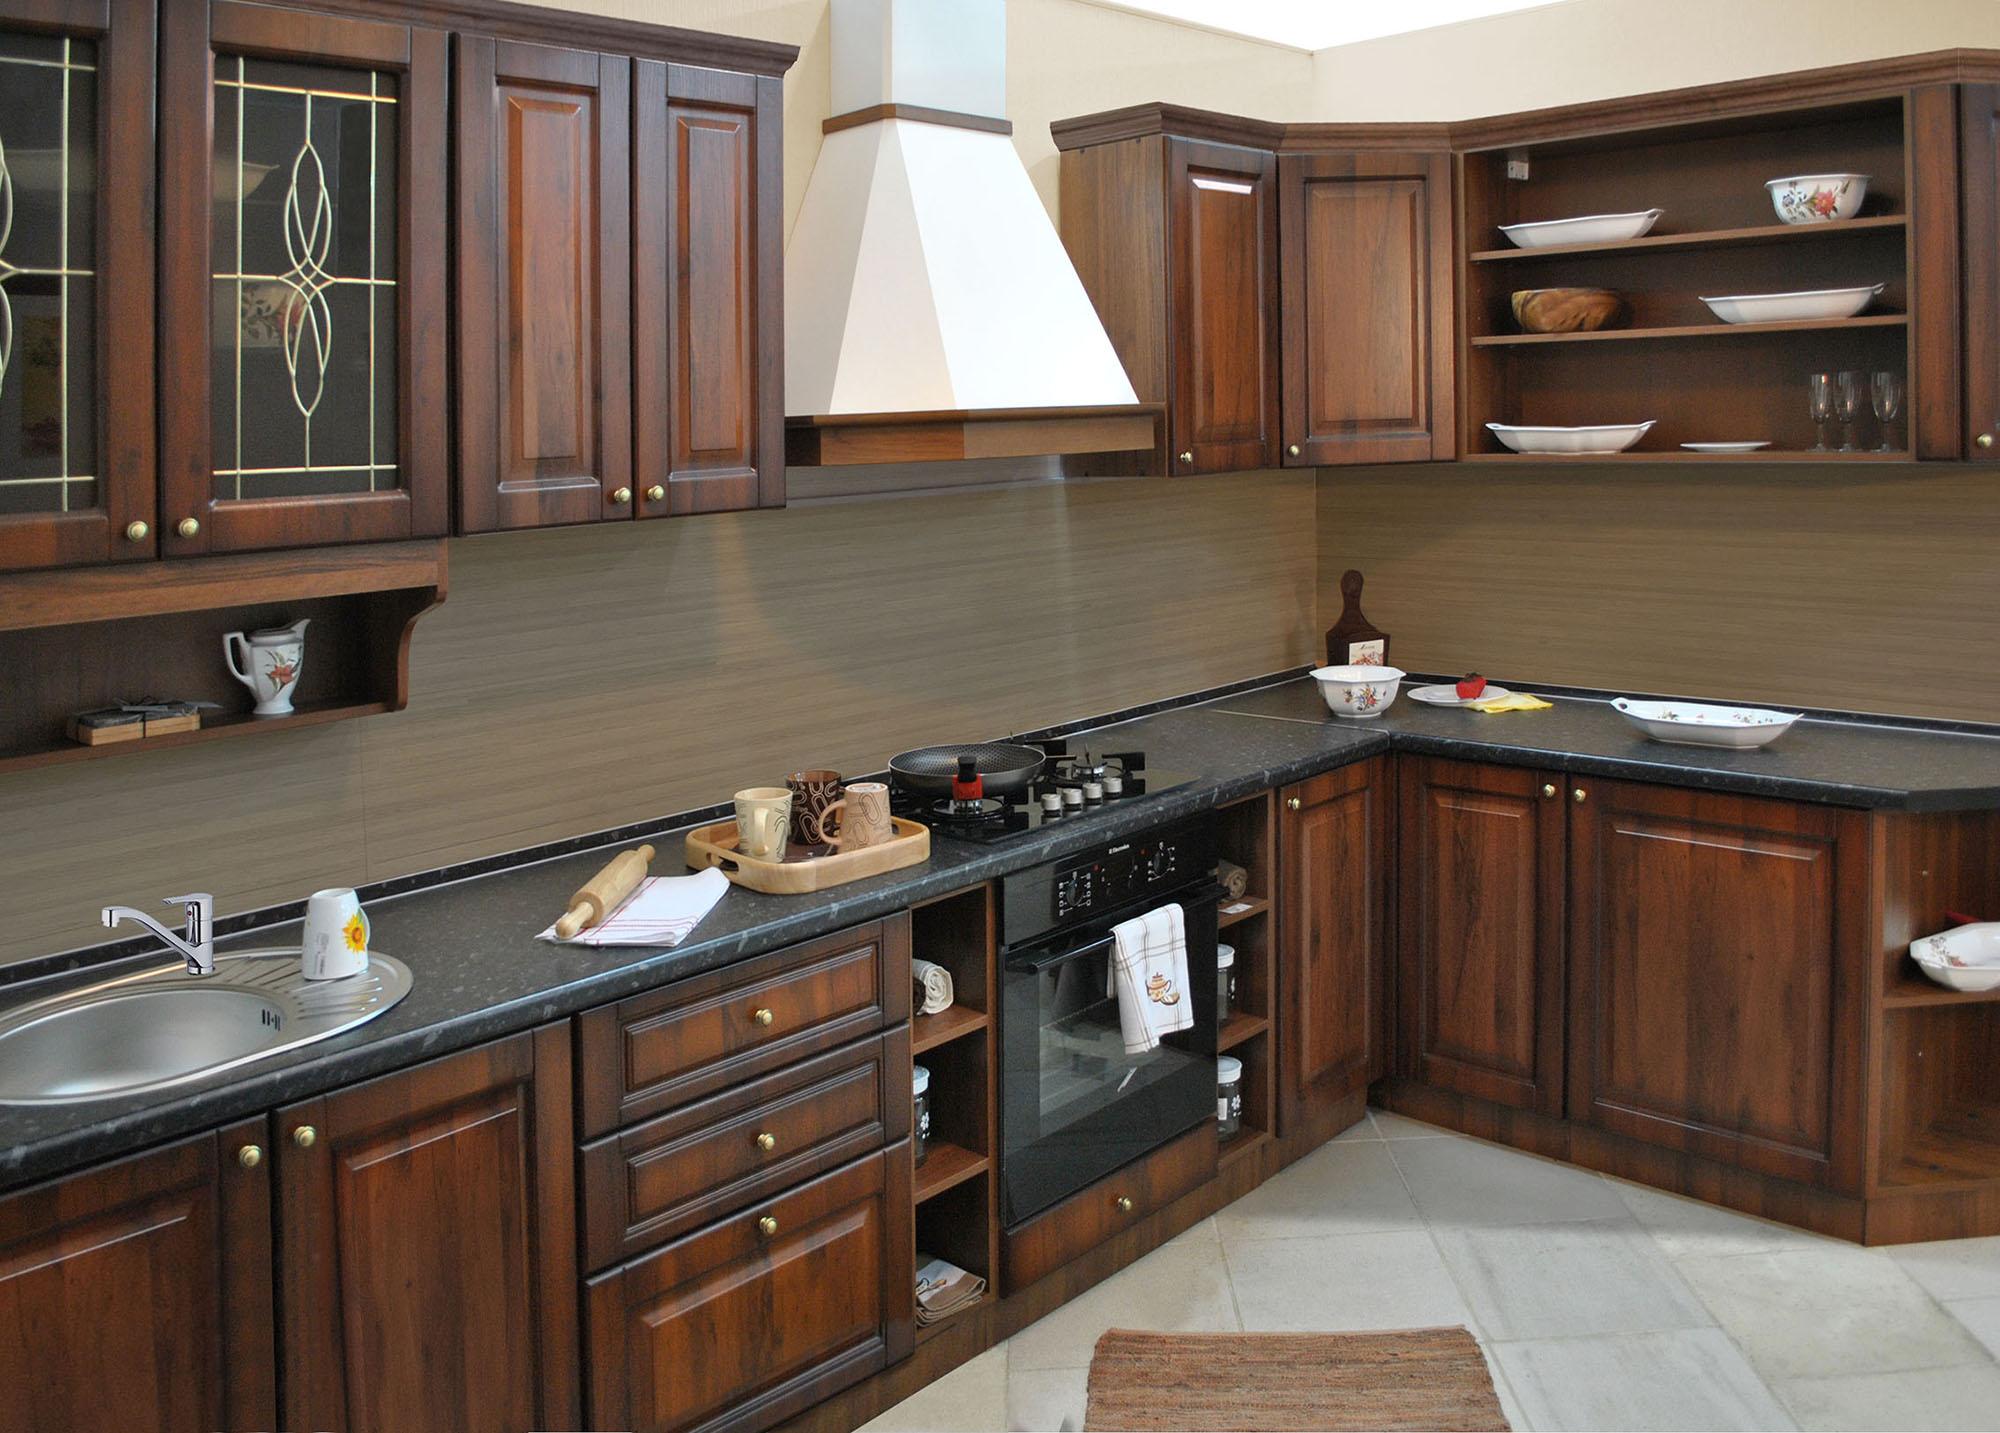 Черно-коричневый кухонный гарнитур в стиле кантри